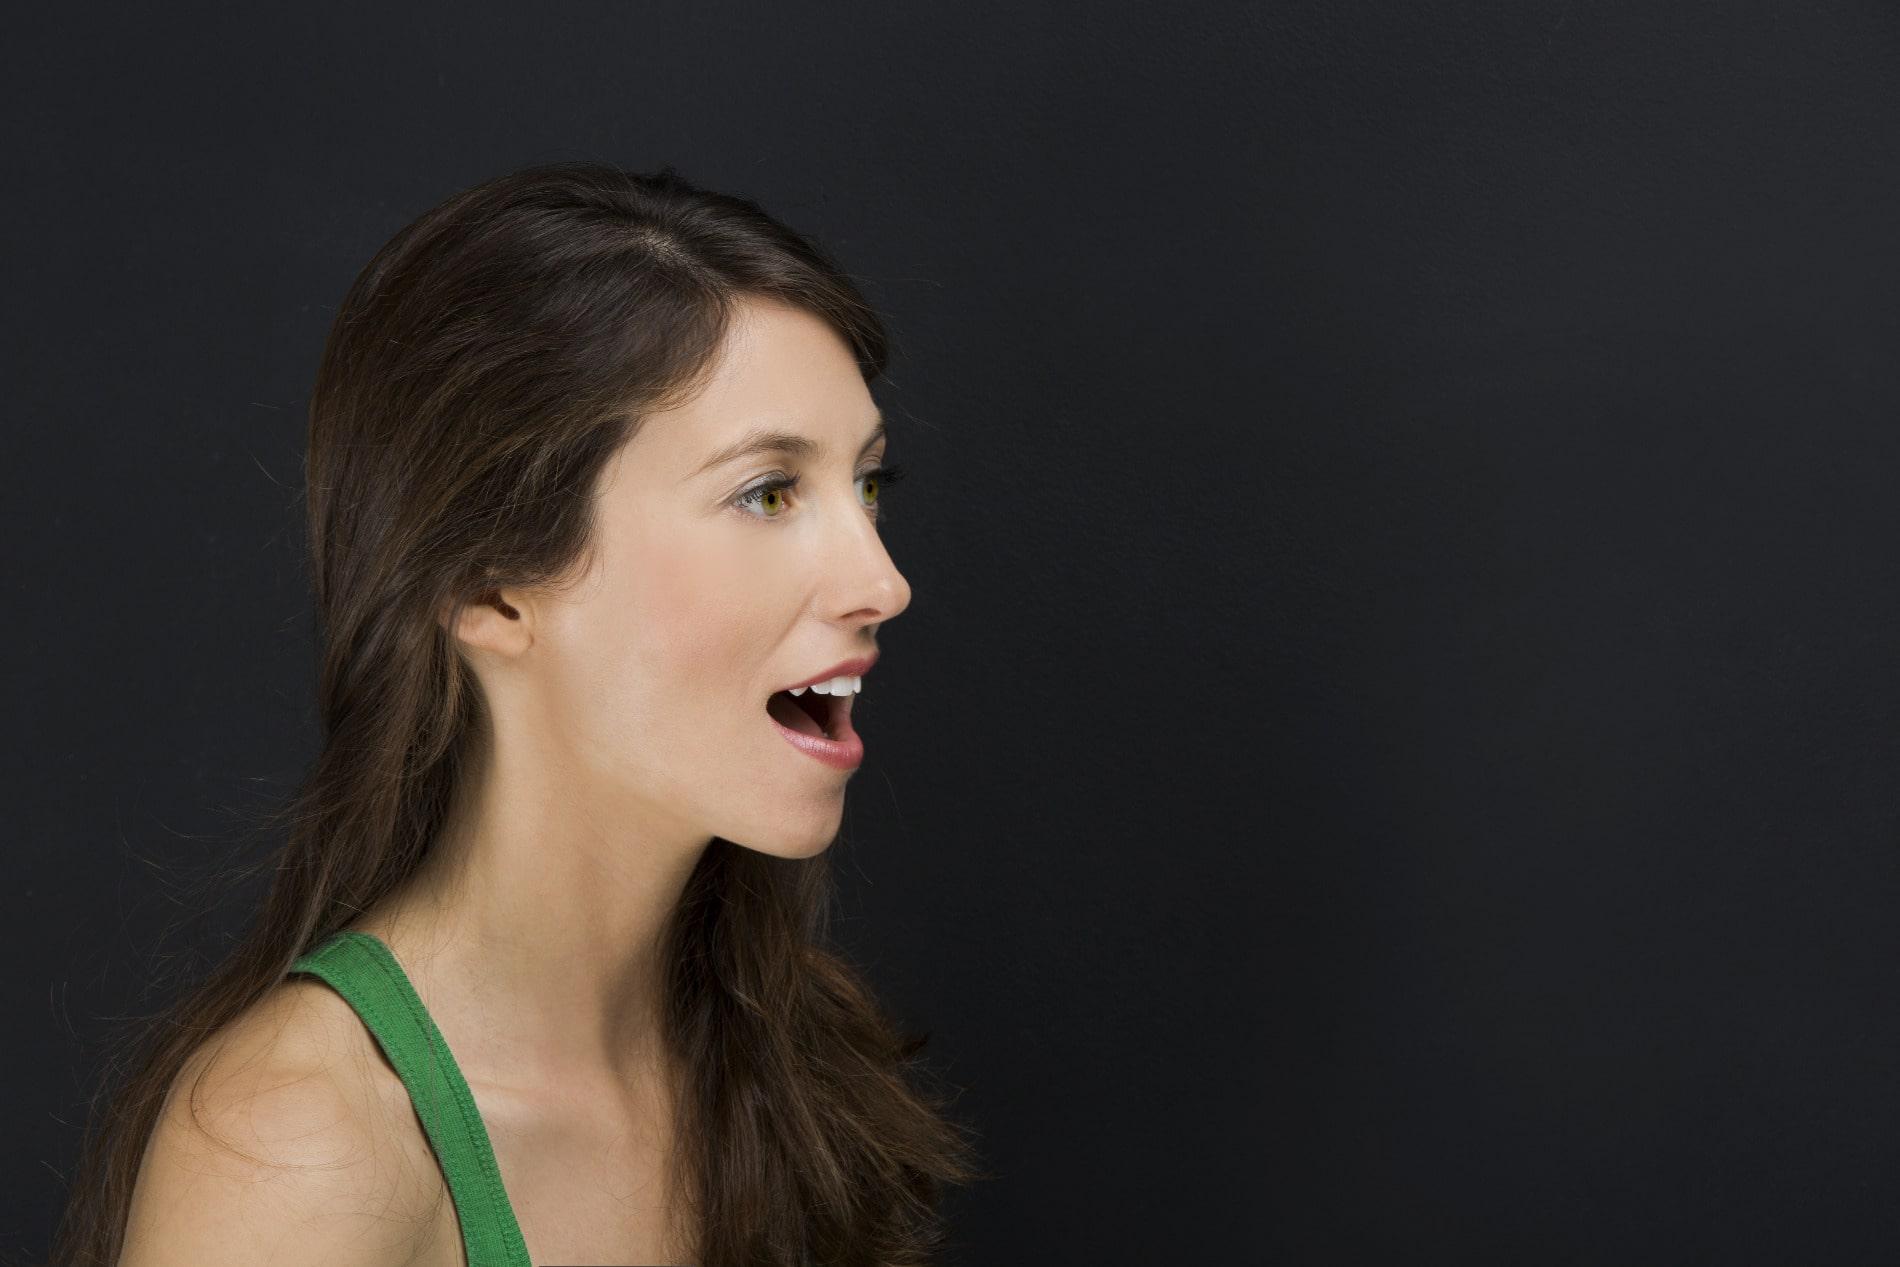 Foto einer Frau mit geöffnetem Mund